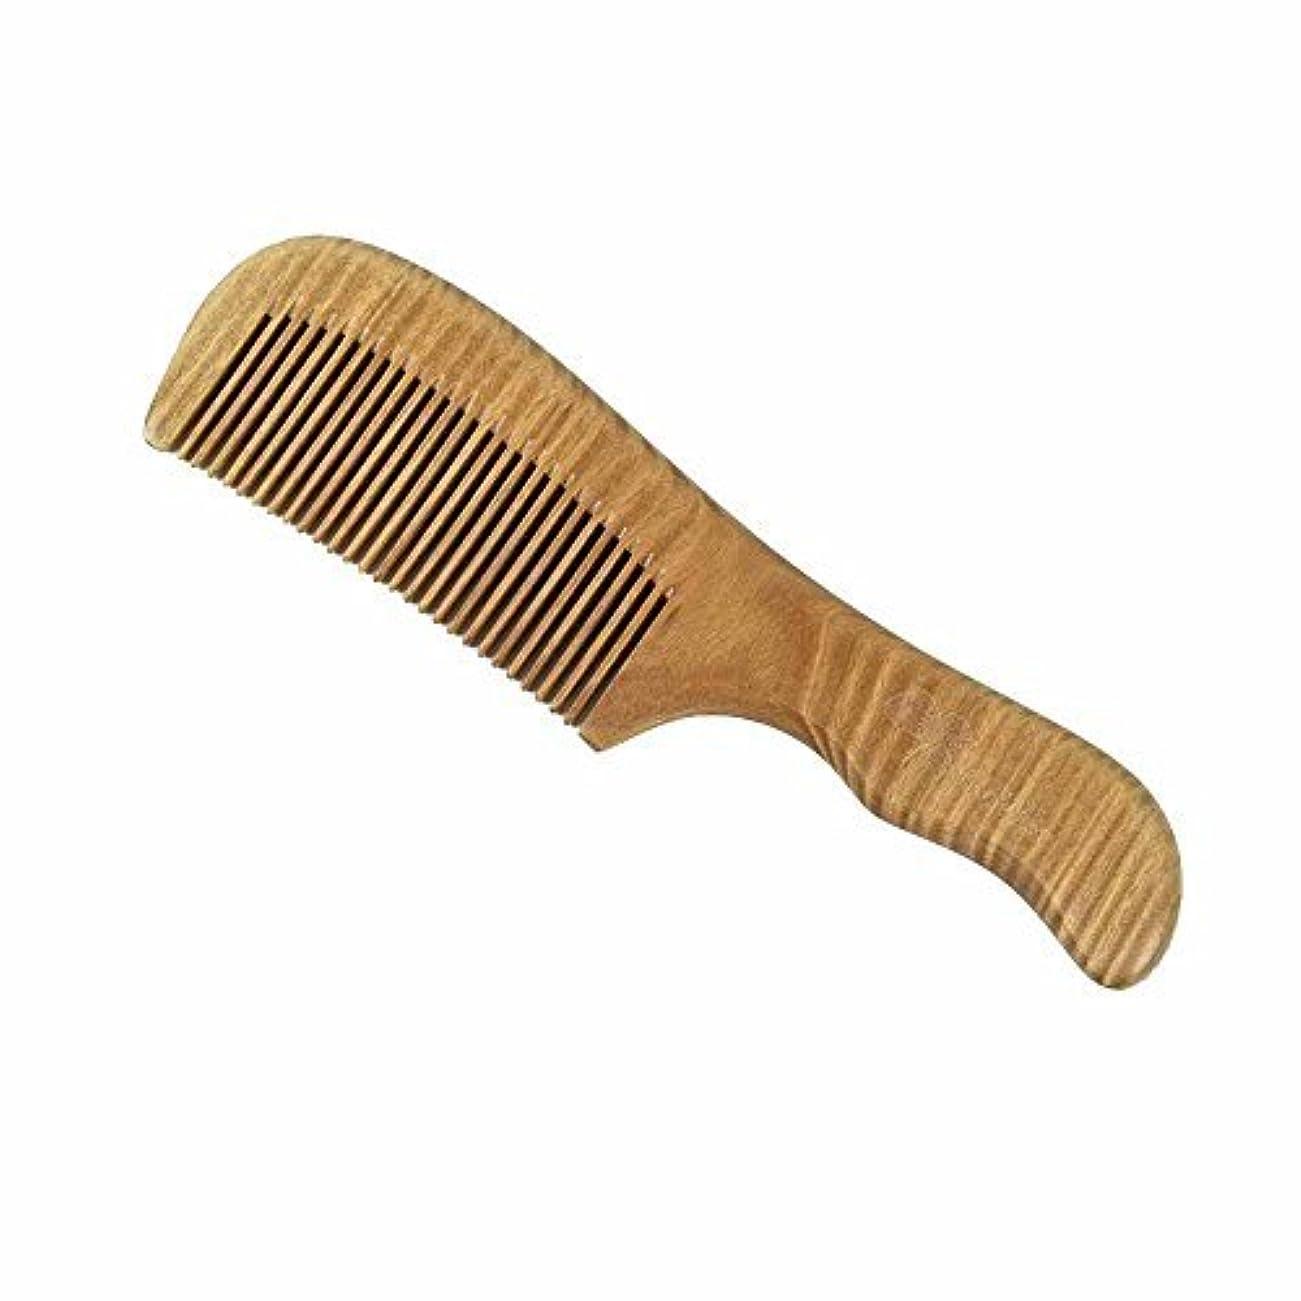 時間直接準拠Wooden Hair Brush, by GoWoo, Fine Tooth, Detangling, Natural and Handmade, for Men and Women, From Earth to Earth...